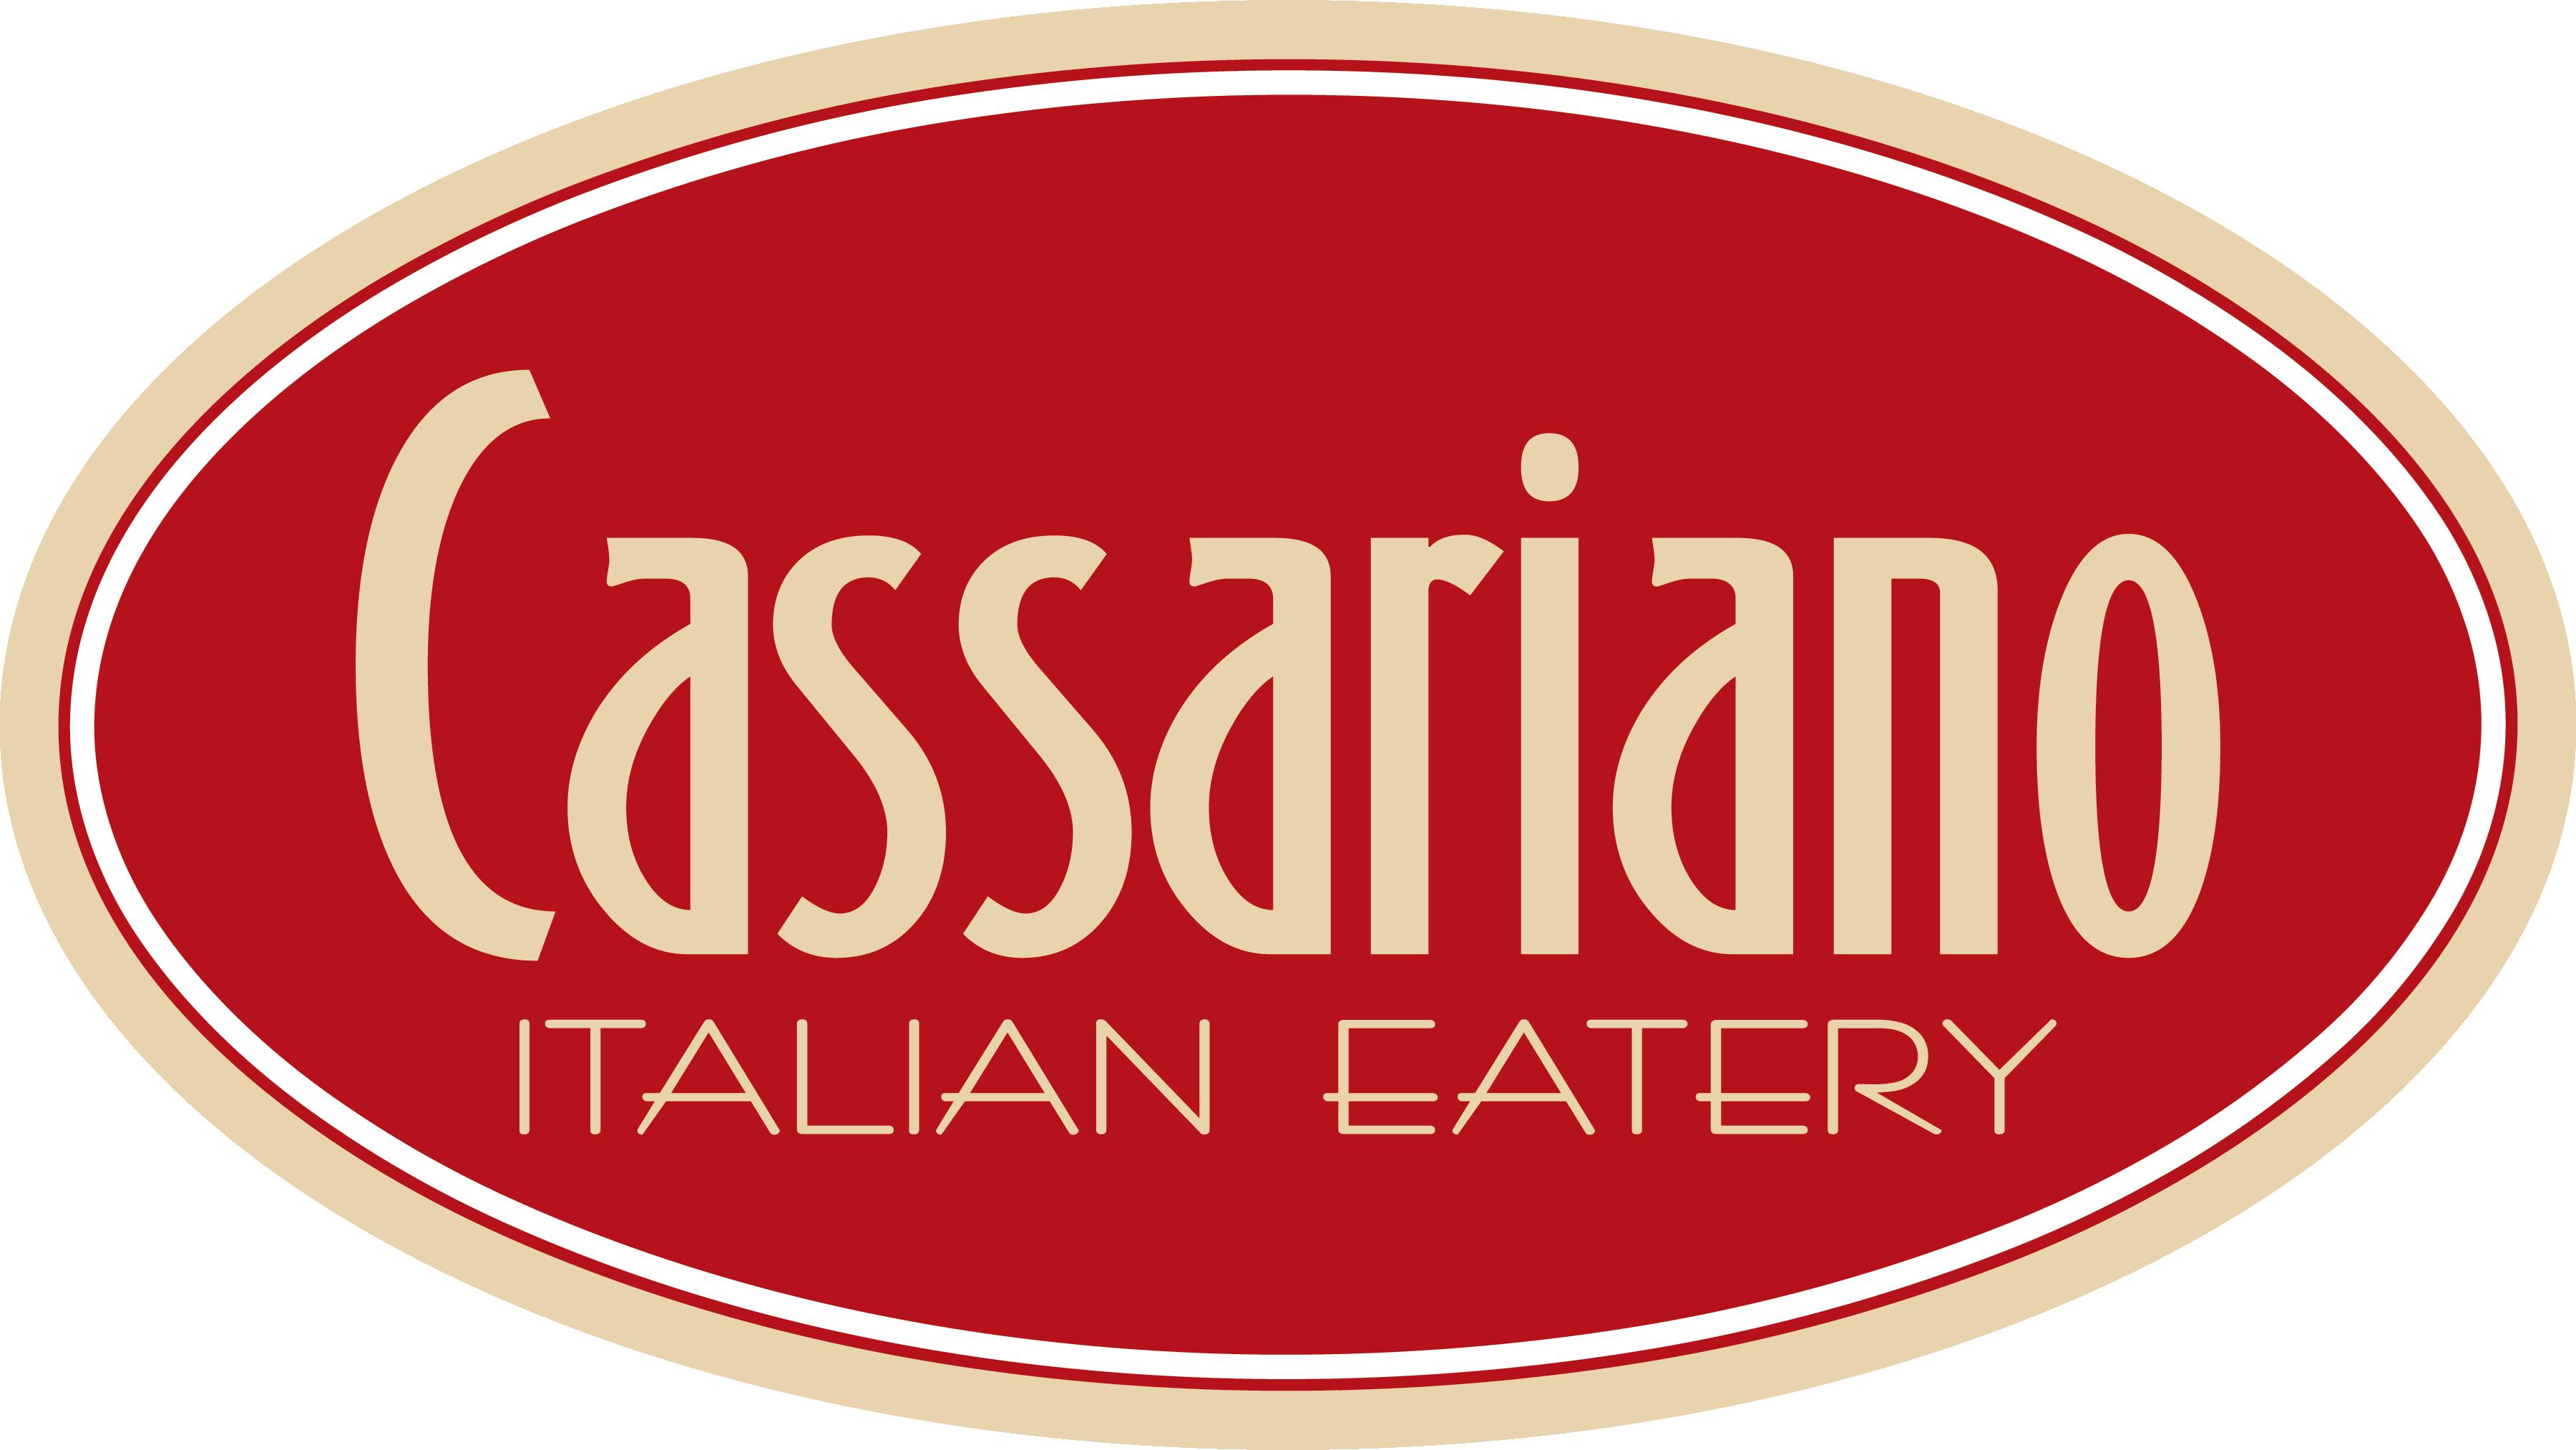 Cassariano